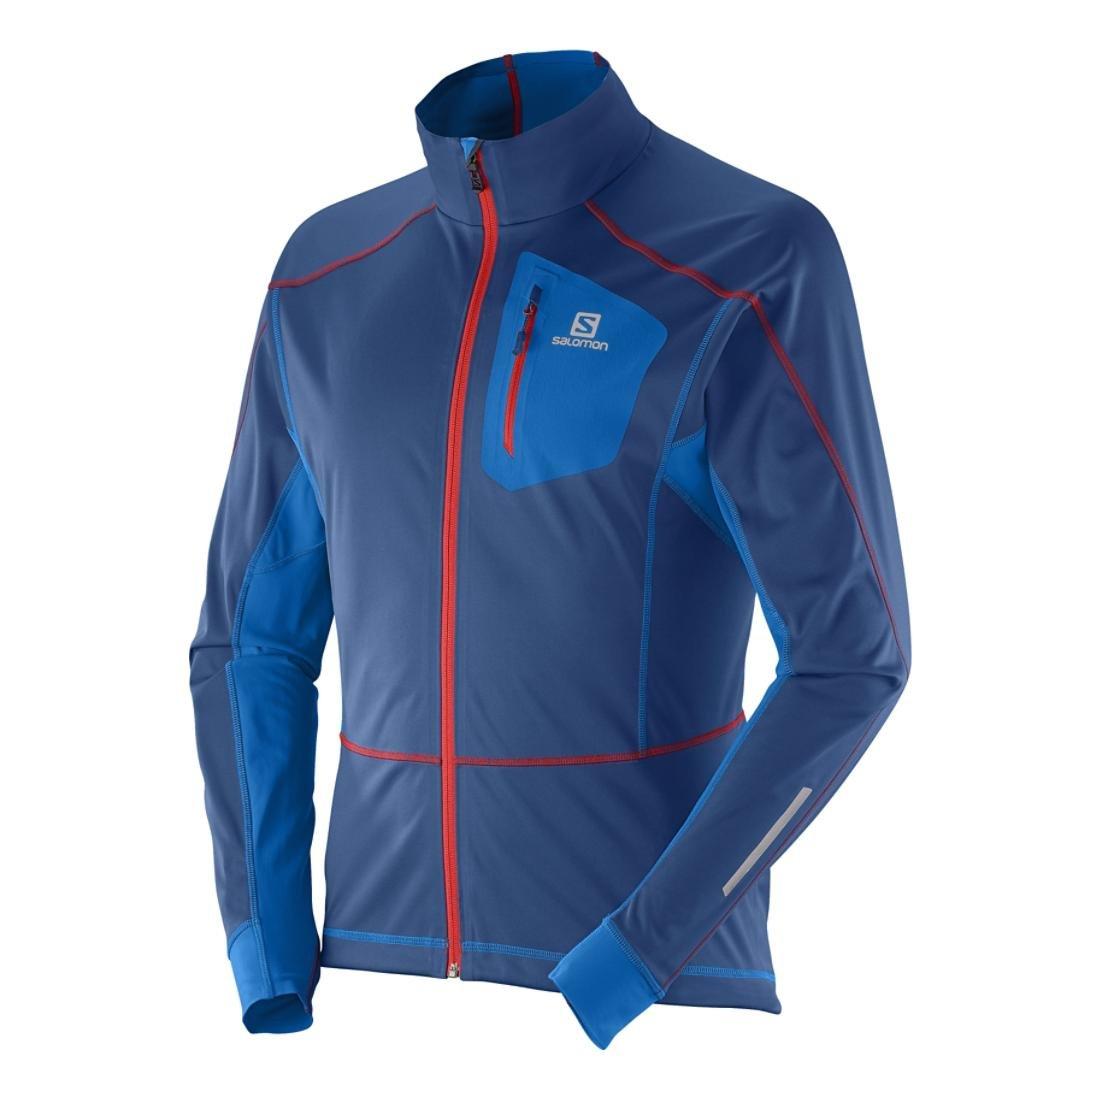 Salomon Equipe Softshell Jacket BLAU 363252 Grösse: XL online bestellen